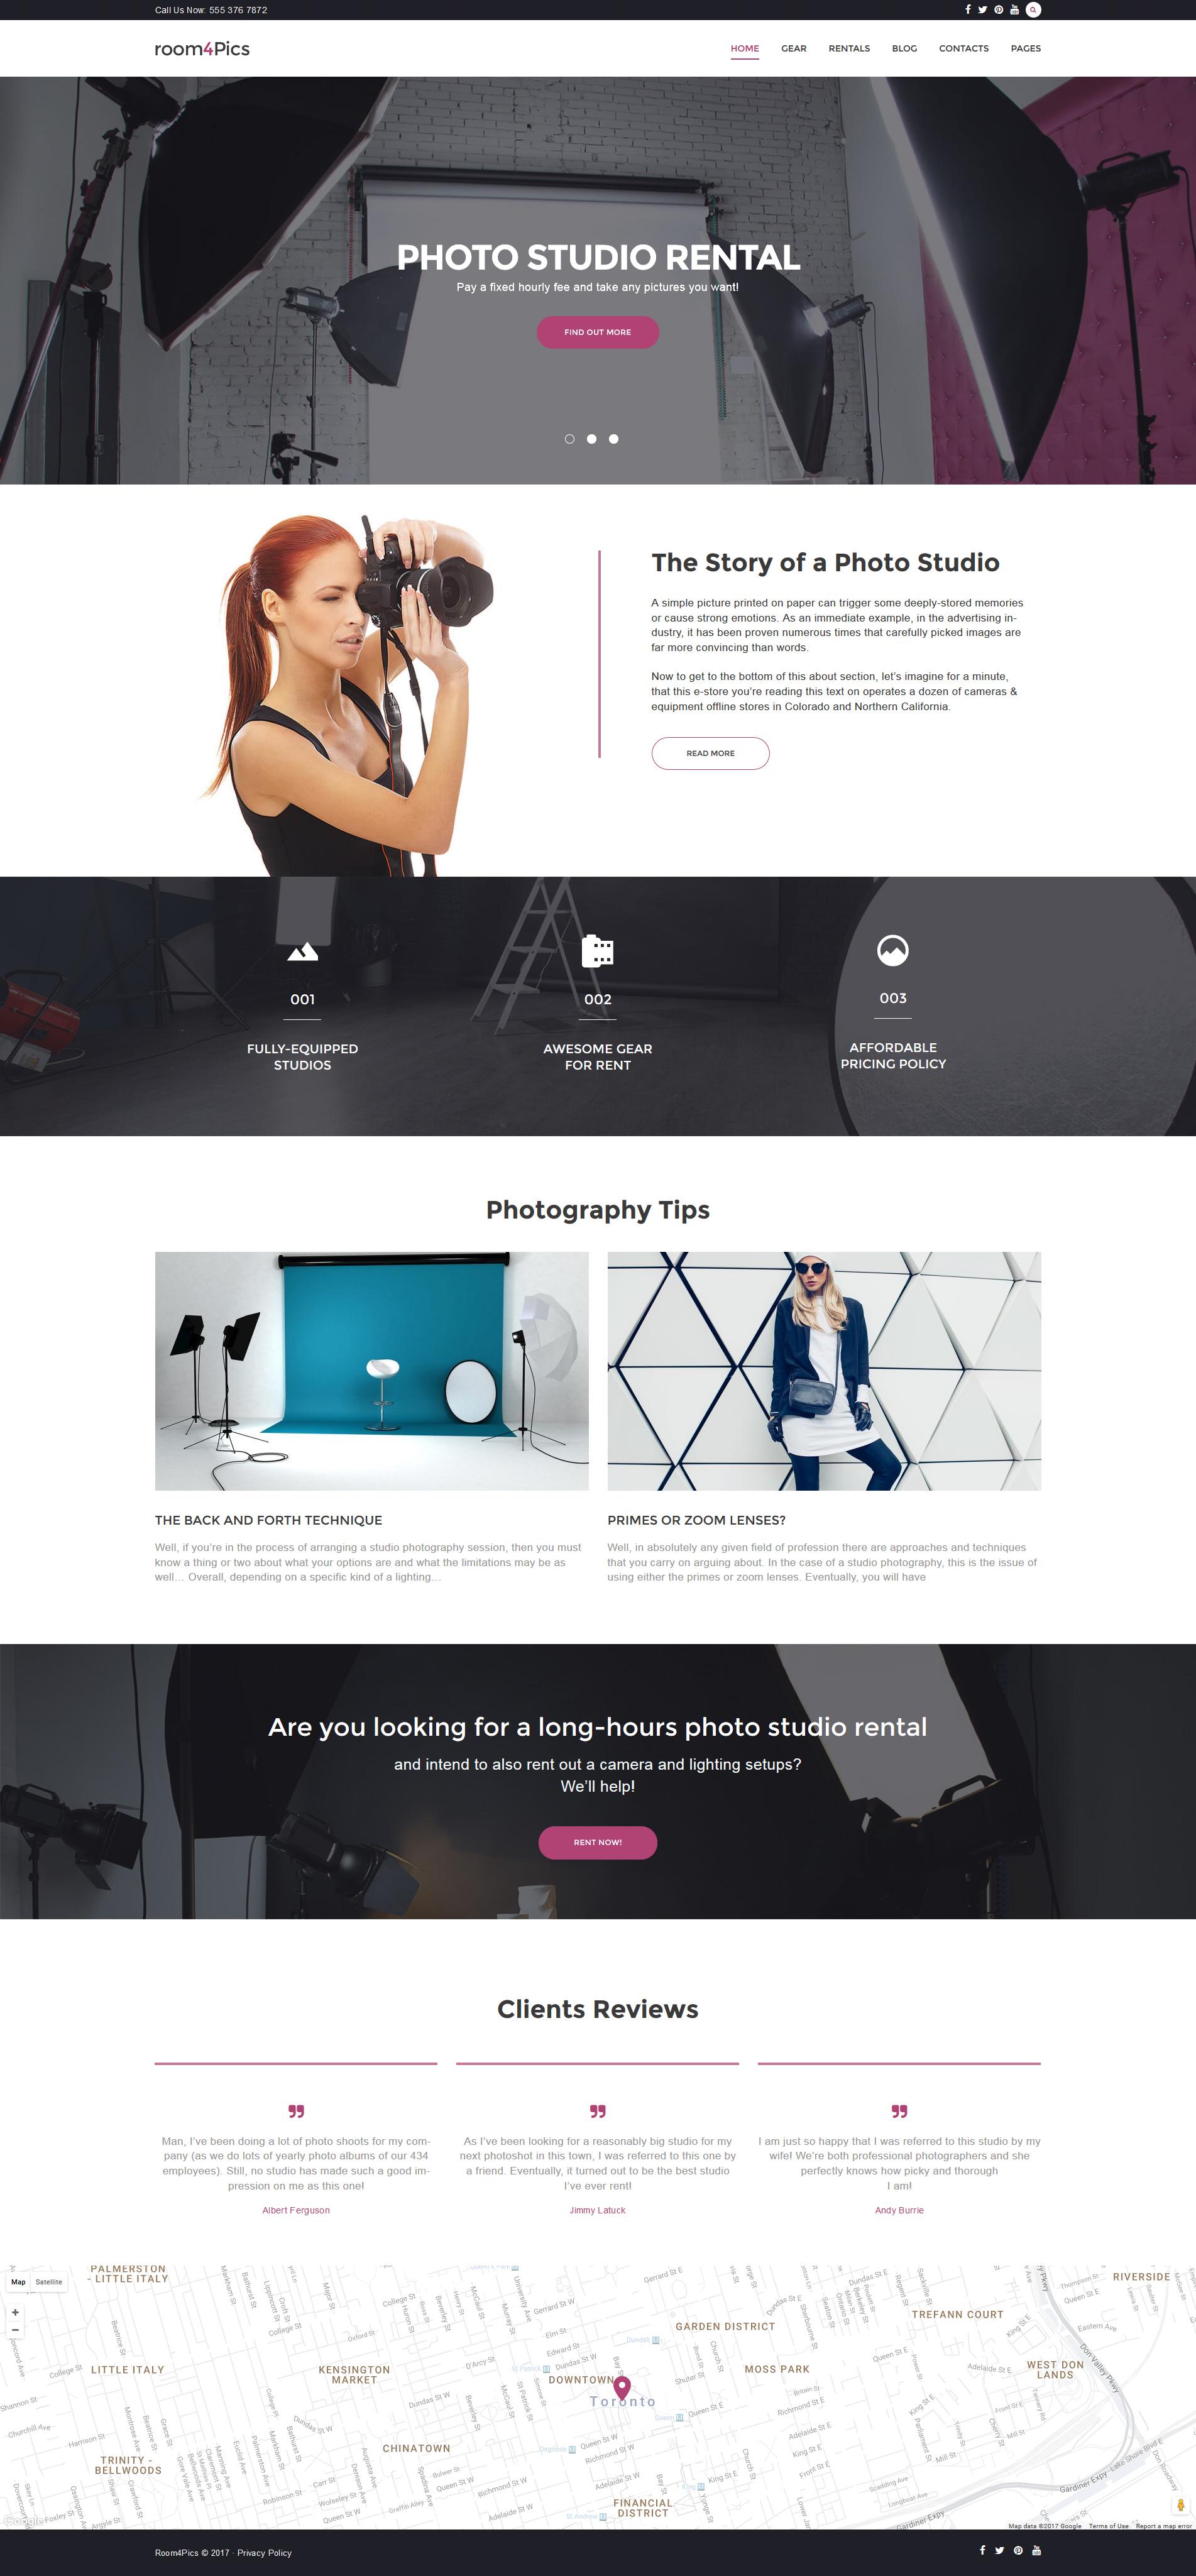 Responsywny motyw WordPress Room4Pics - Photo Studio Rental #59025 - zrzut ekranu